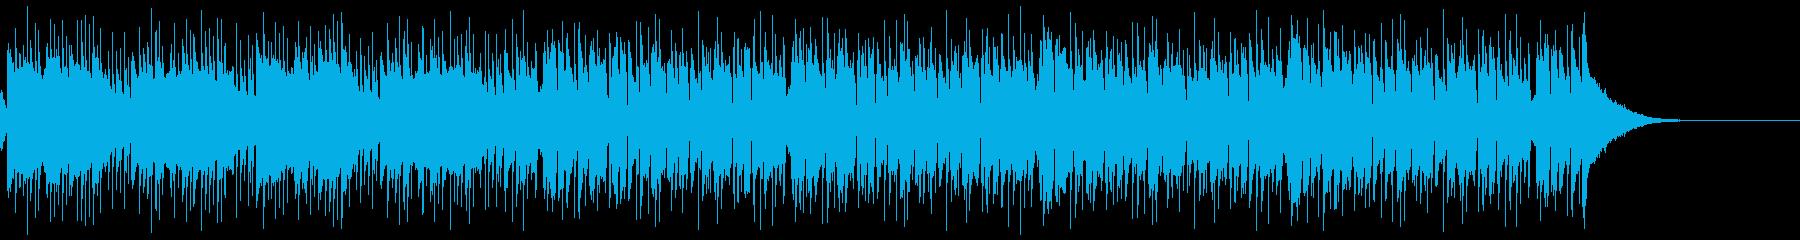 Pf「昼餉」和風現代ジャズの再生済みの波形